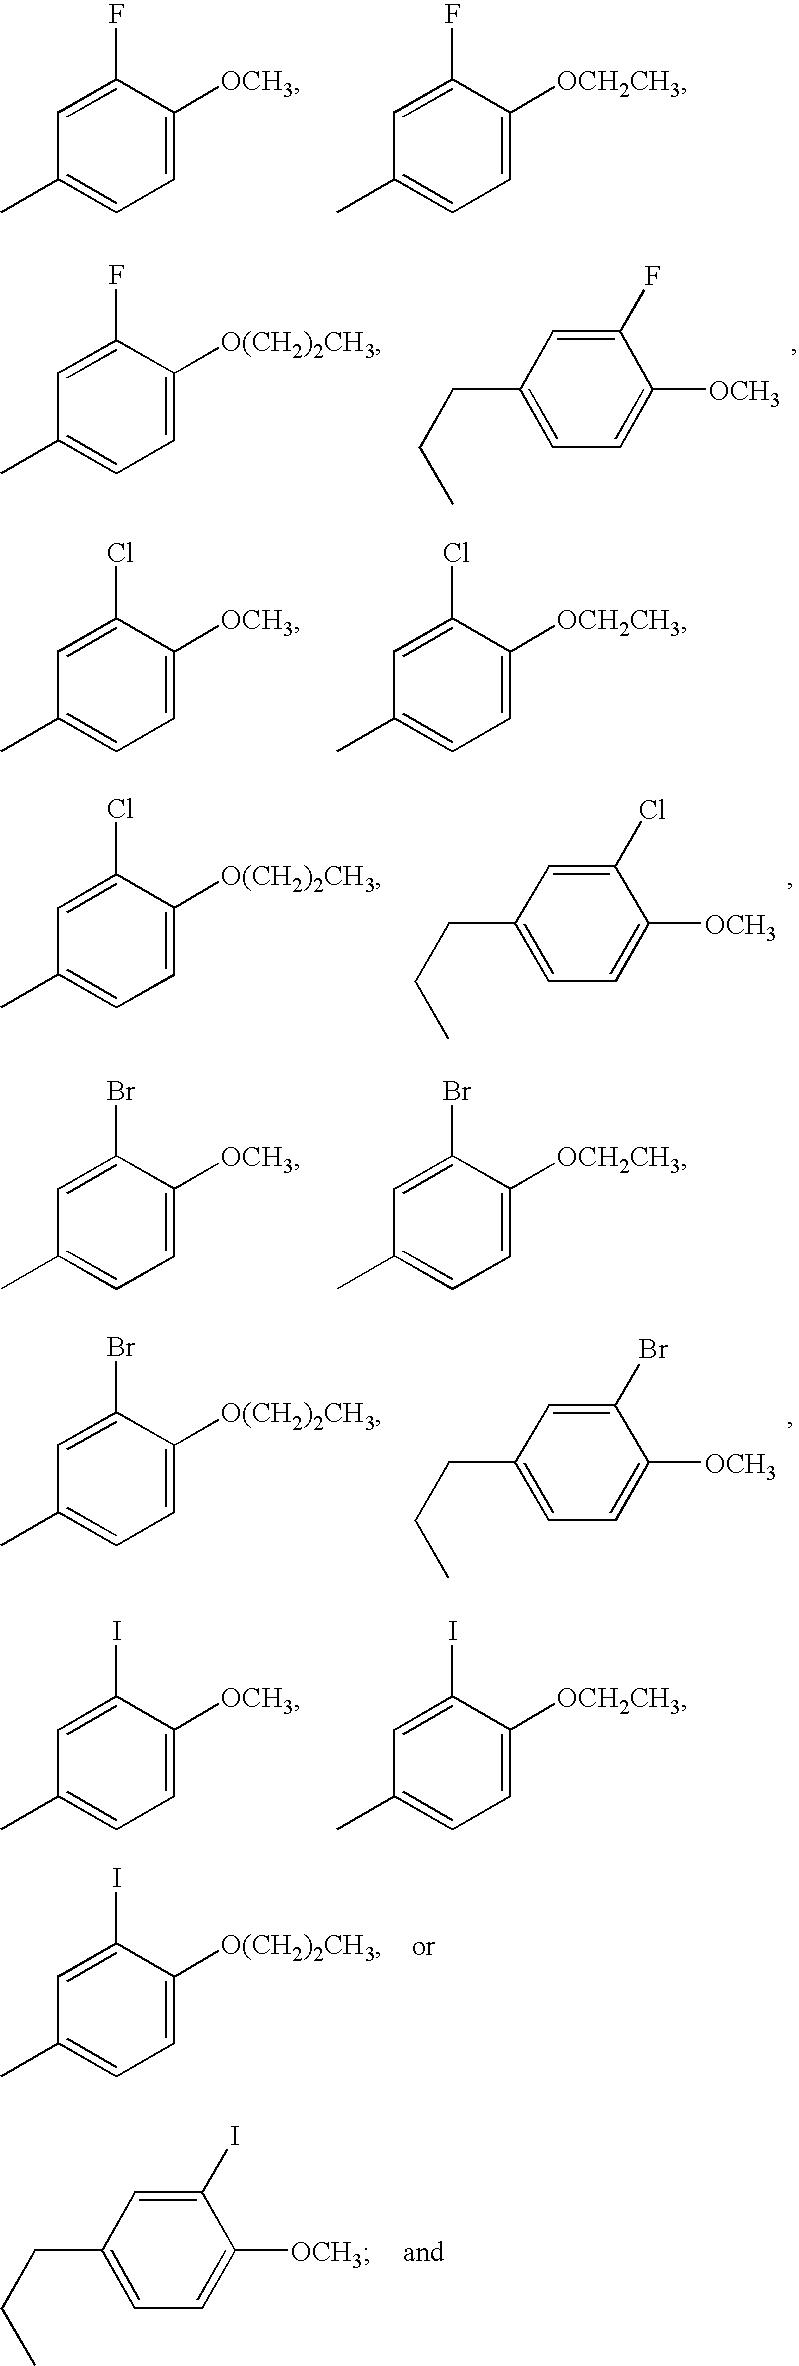 Figure US20050113341A1-20050526-C00081